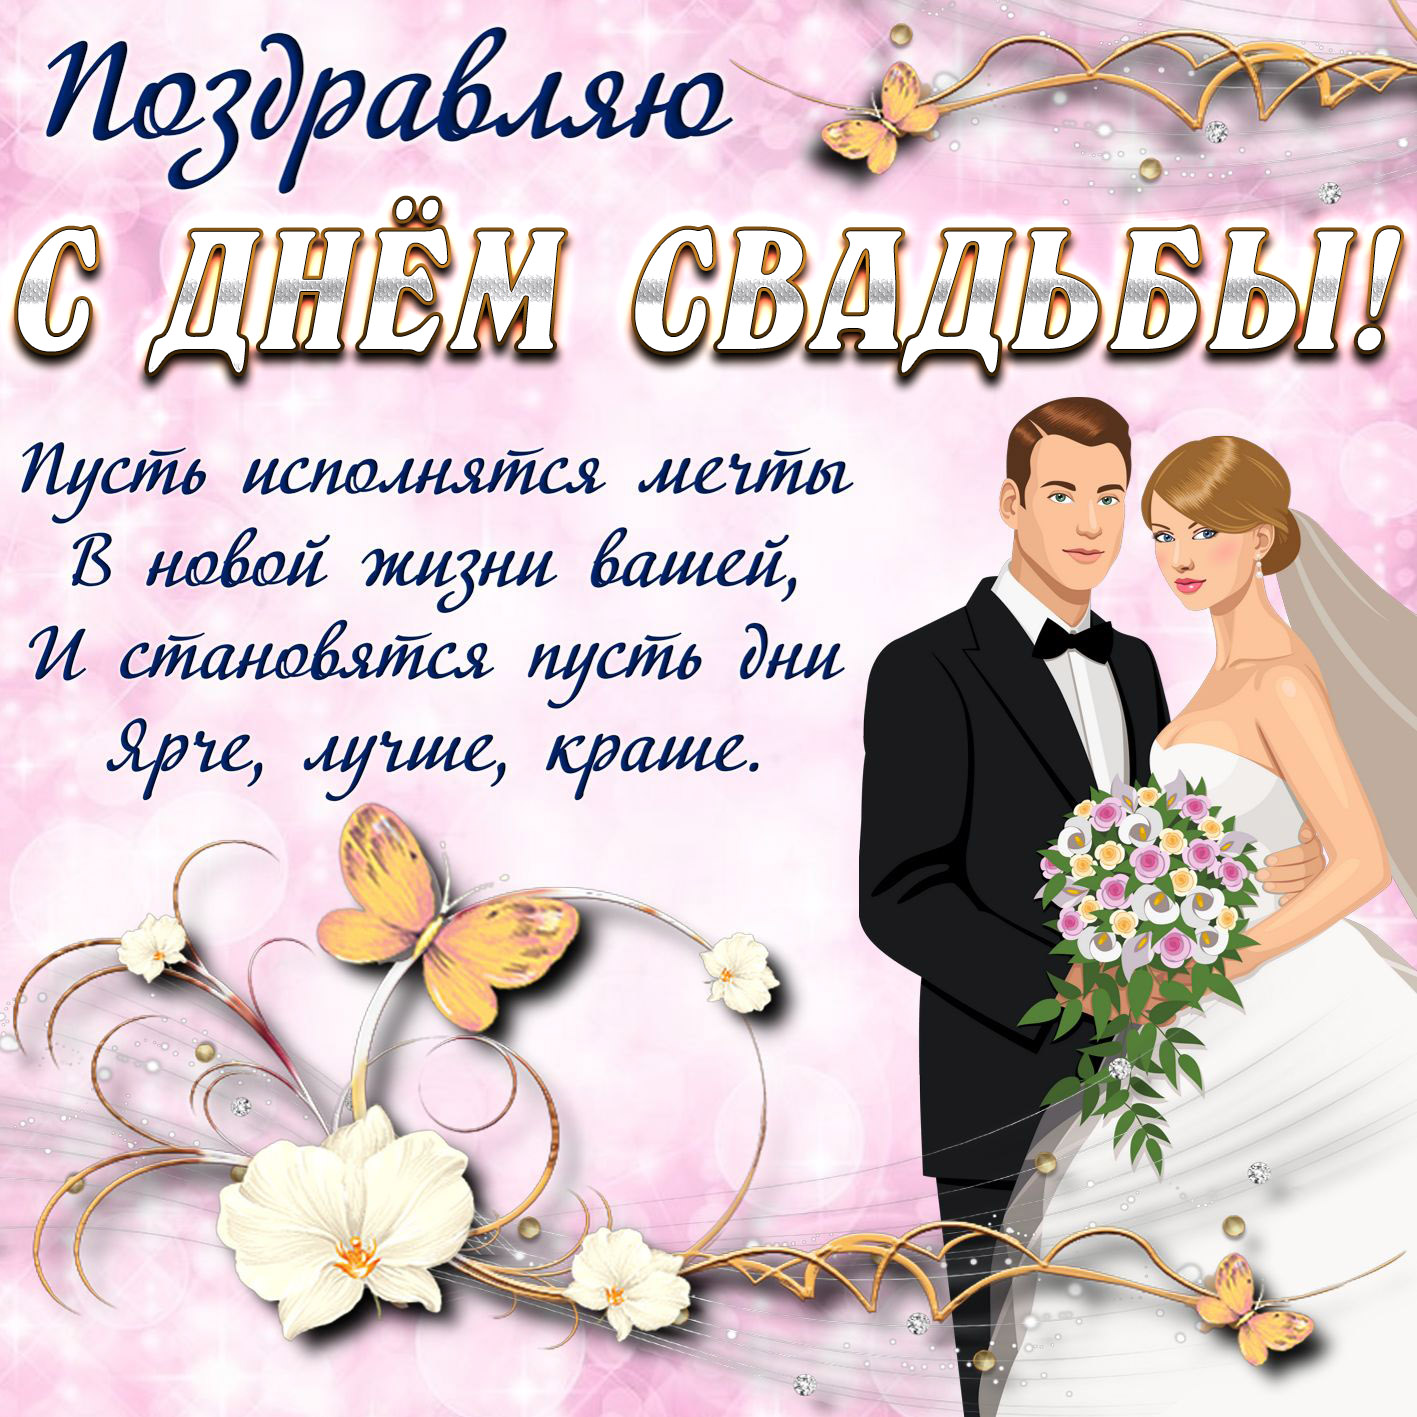 Открытки поздравление со свадьбой своими словами душевно красиво, печали прохождение